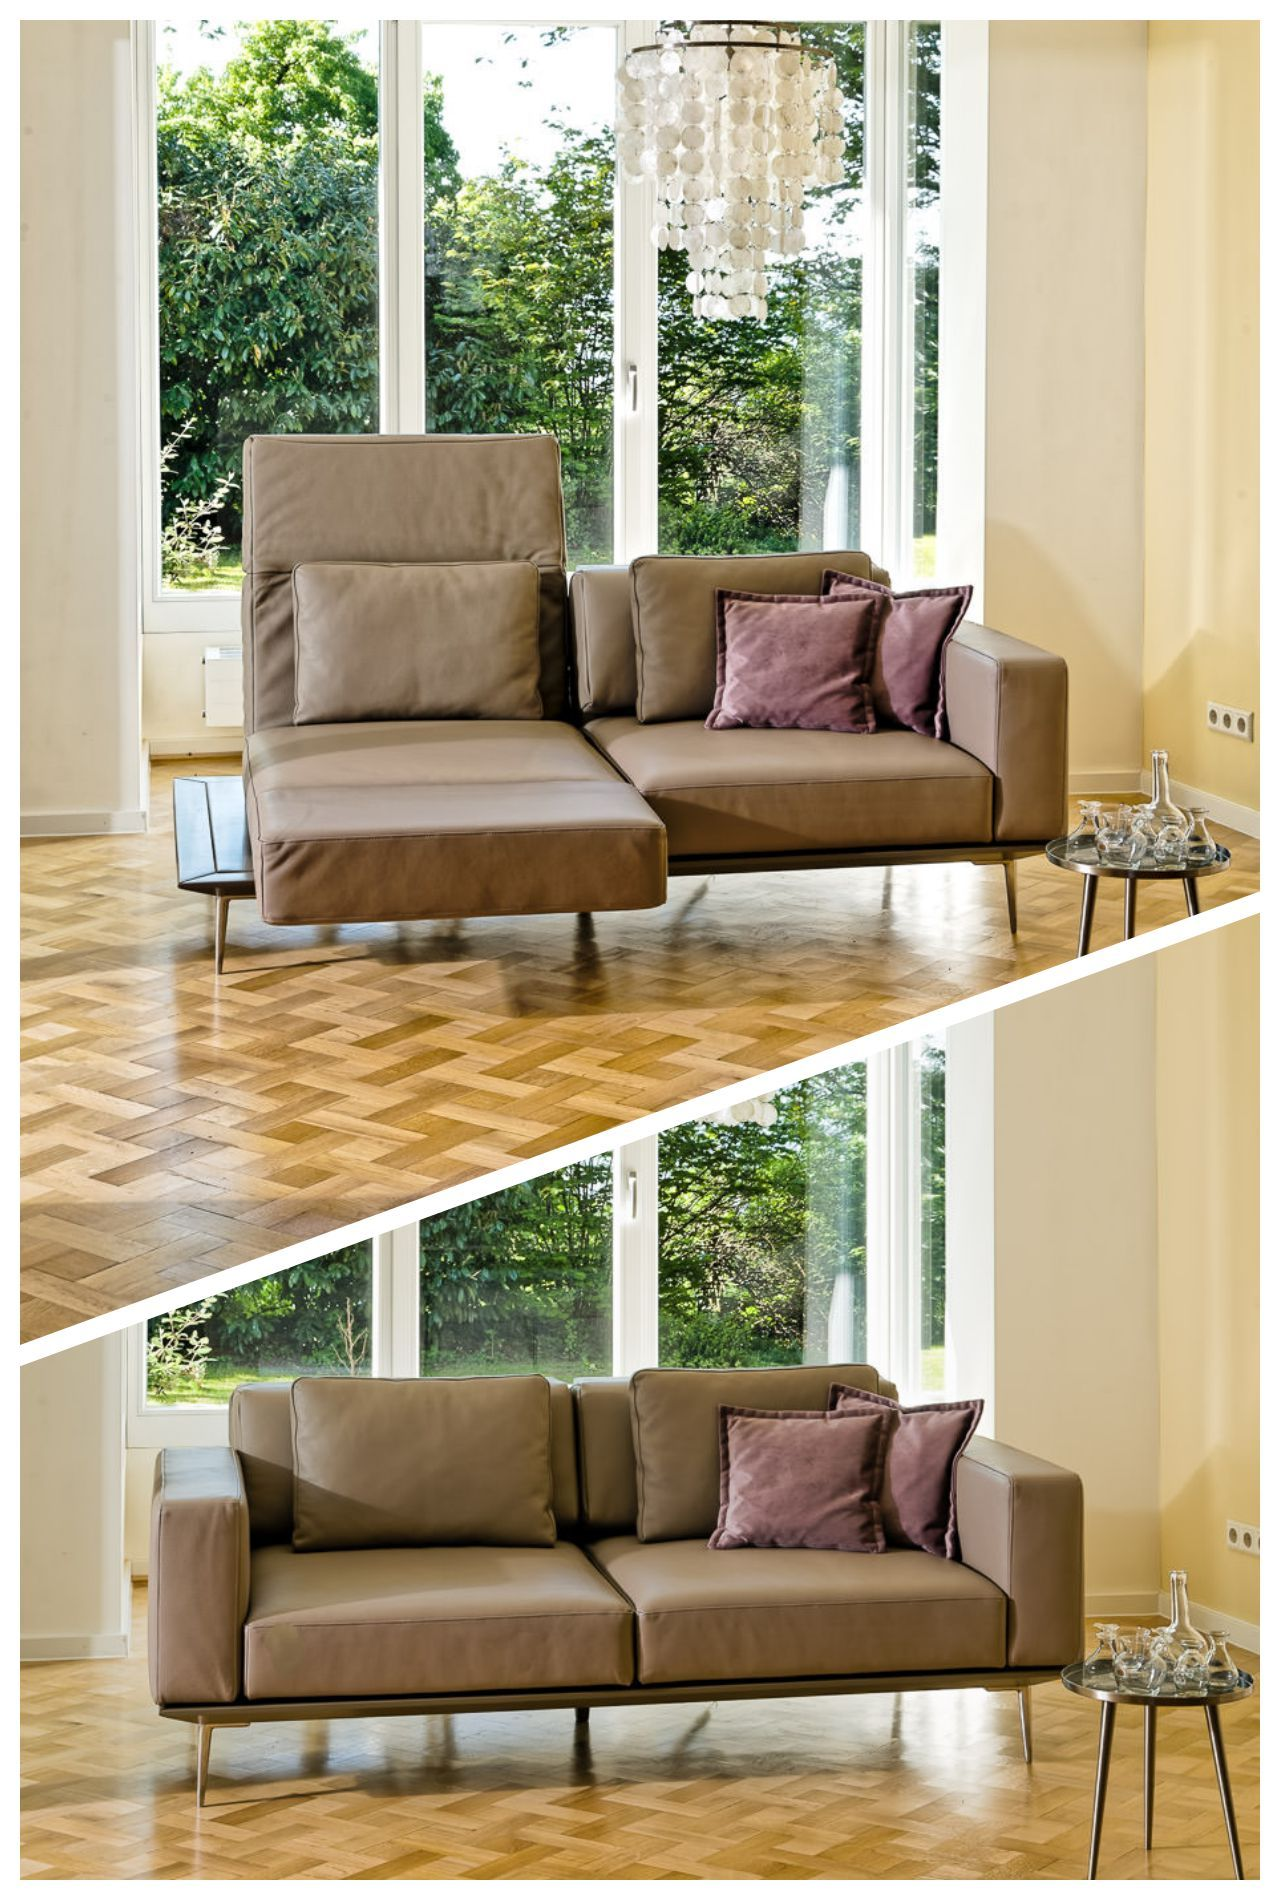 Sofa Mit Schlaffunktion Ein Sofa Mit Schlaffunktion Ist Die